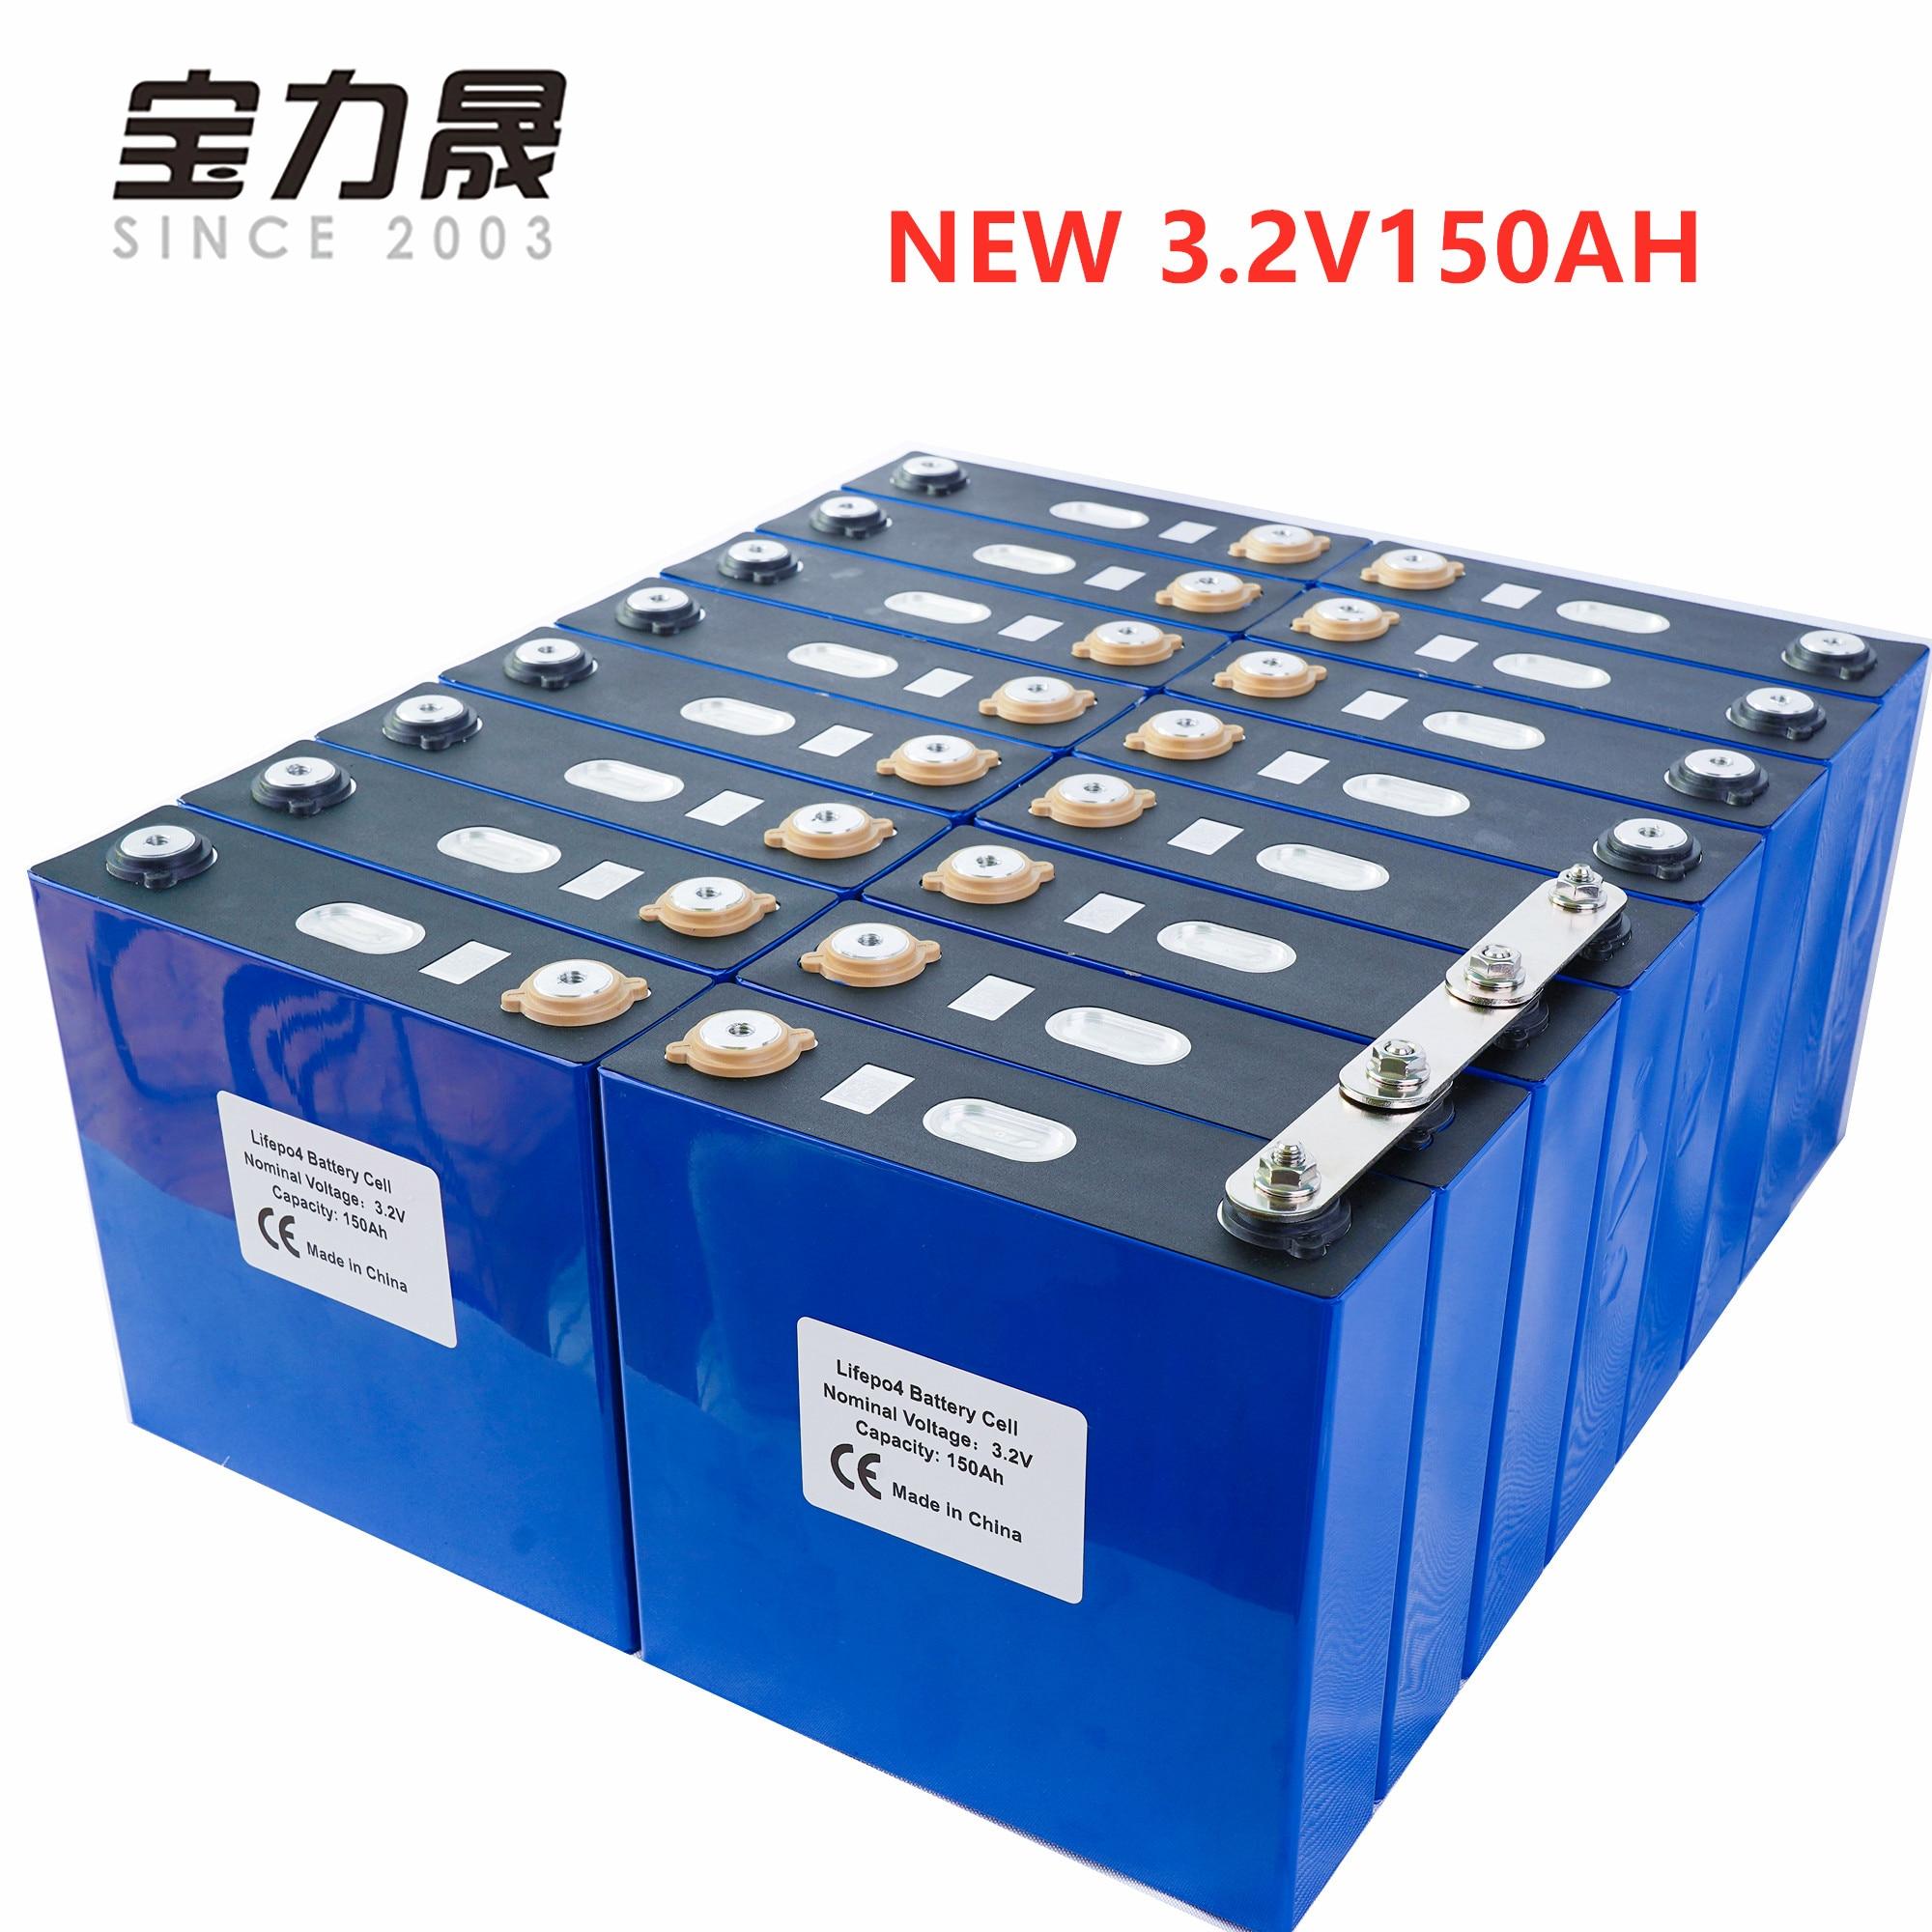 Novo 16 pces 3.2 v 135ah 150ah lítio ferro fosfato célula lifepo4 bateria solar 24v300ah 48v150ah células não 120ah ue eua livre de impostos